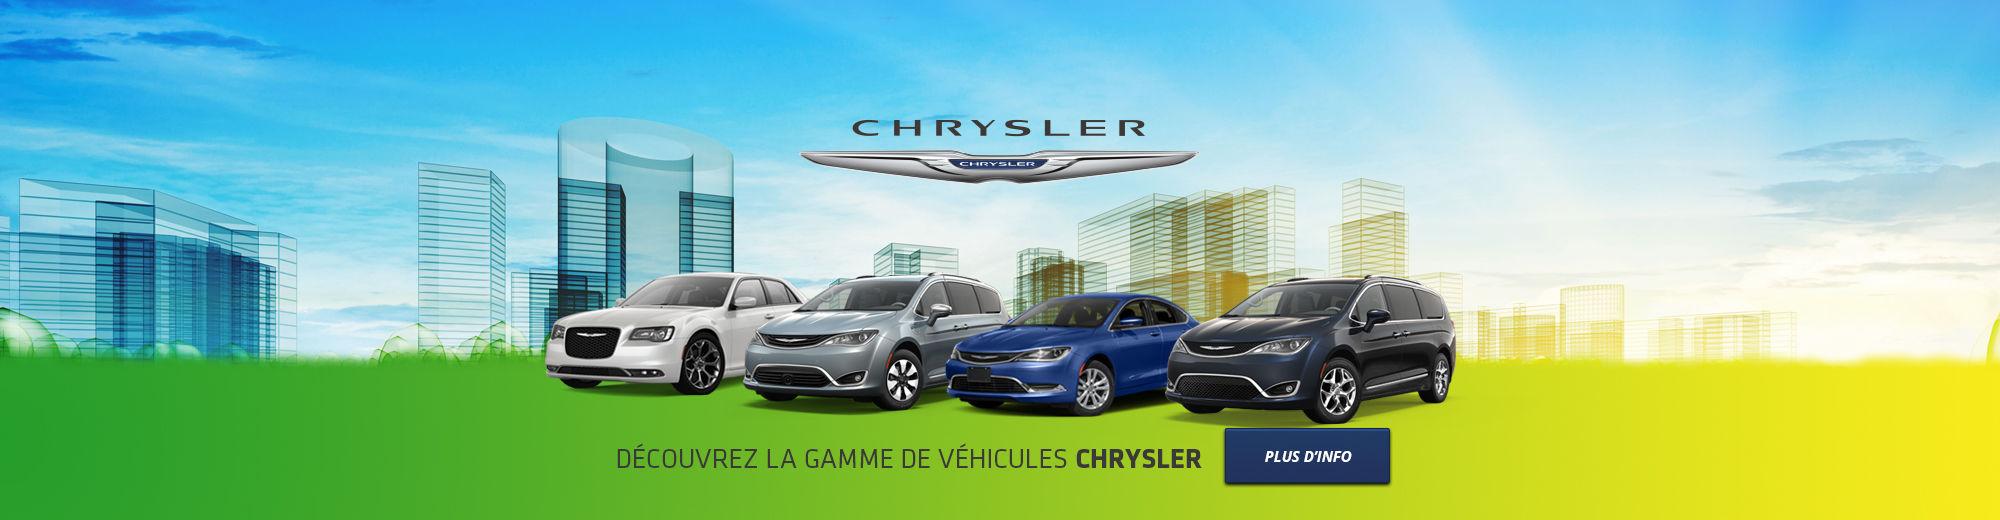 Découvrez la gamme de véhicules Chrysler